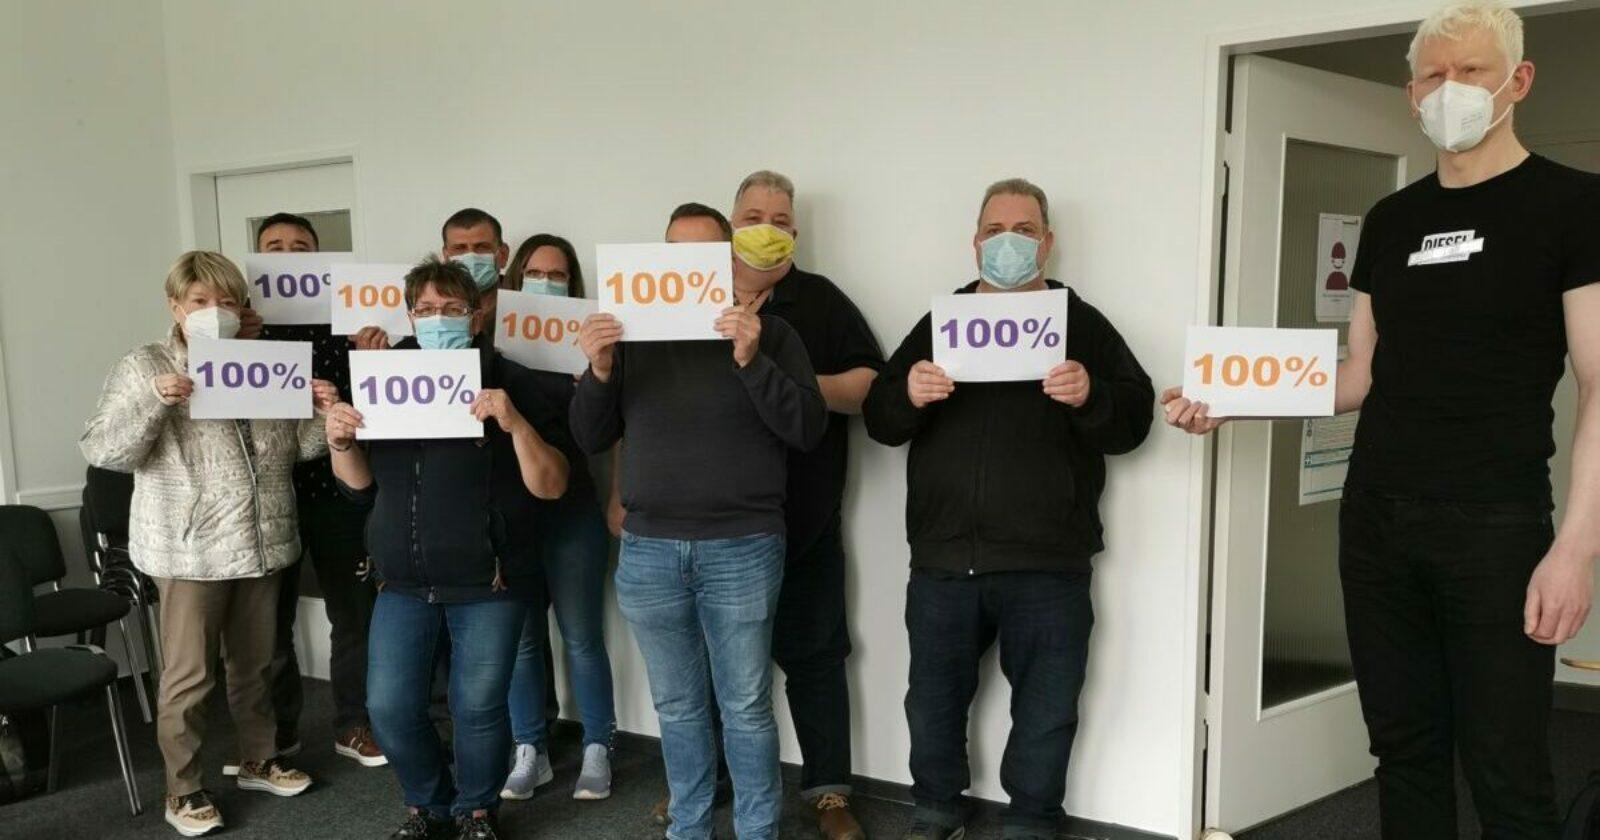 Betriebsrat und IG BAU zusammen erfolgreich: bei Piepenbrock in Berlin wird das Kurzarbeitergeld auf 100% aufgestockt!